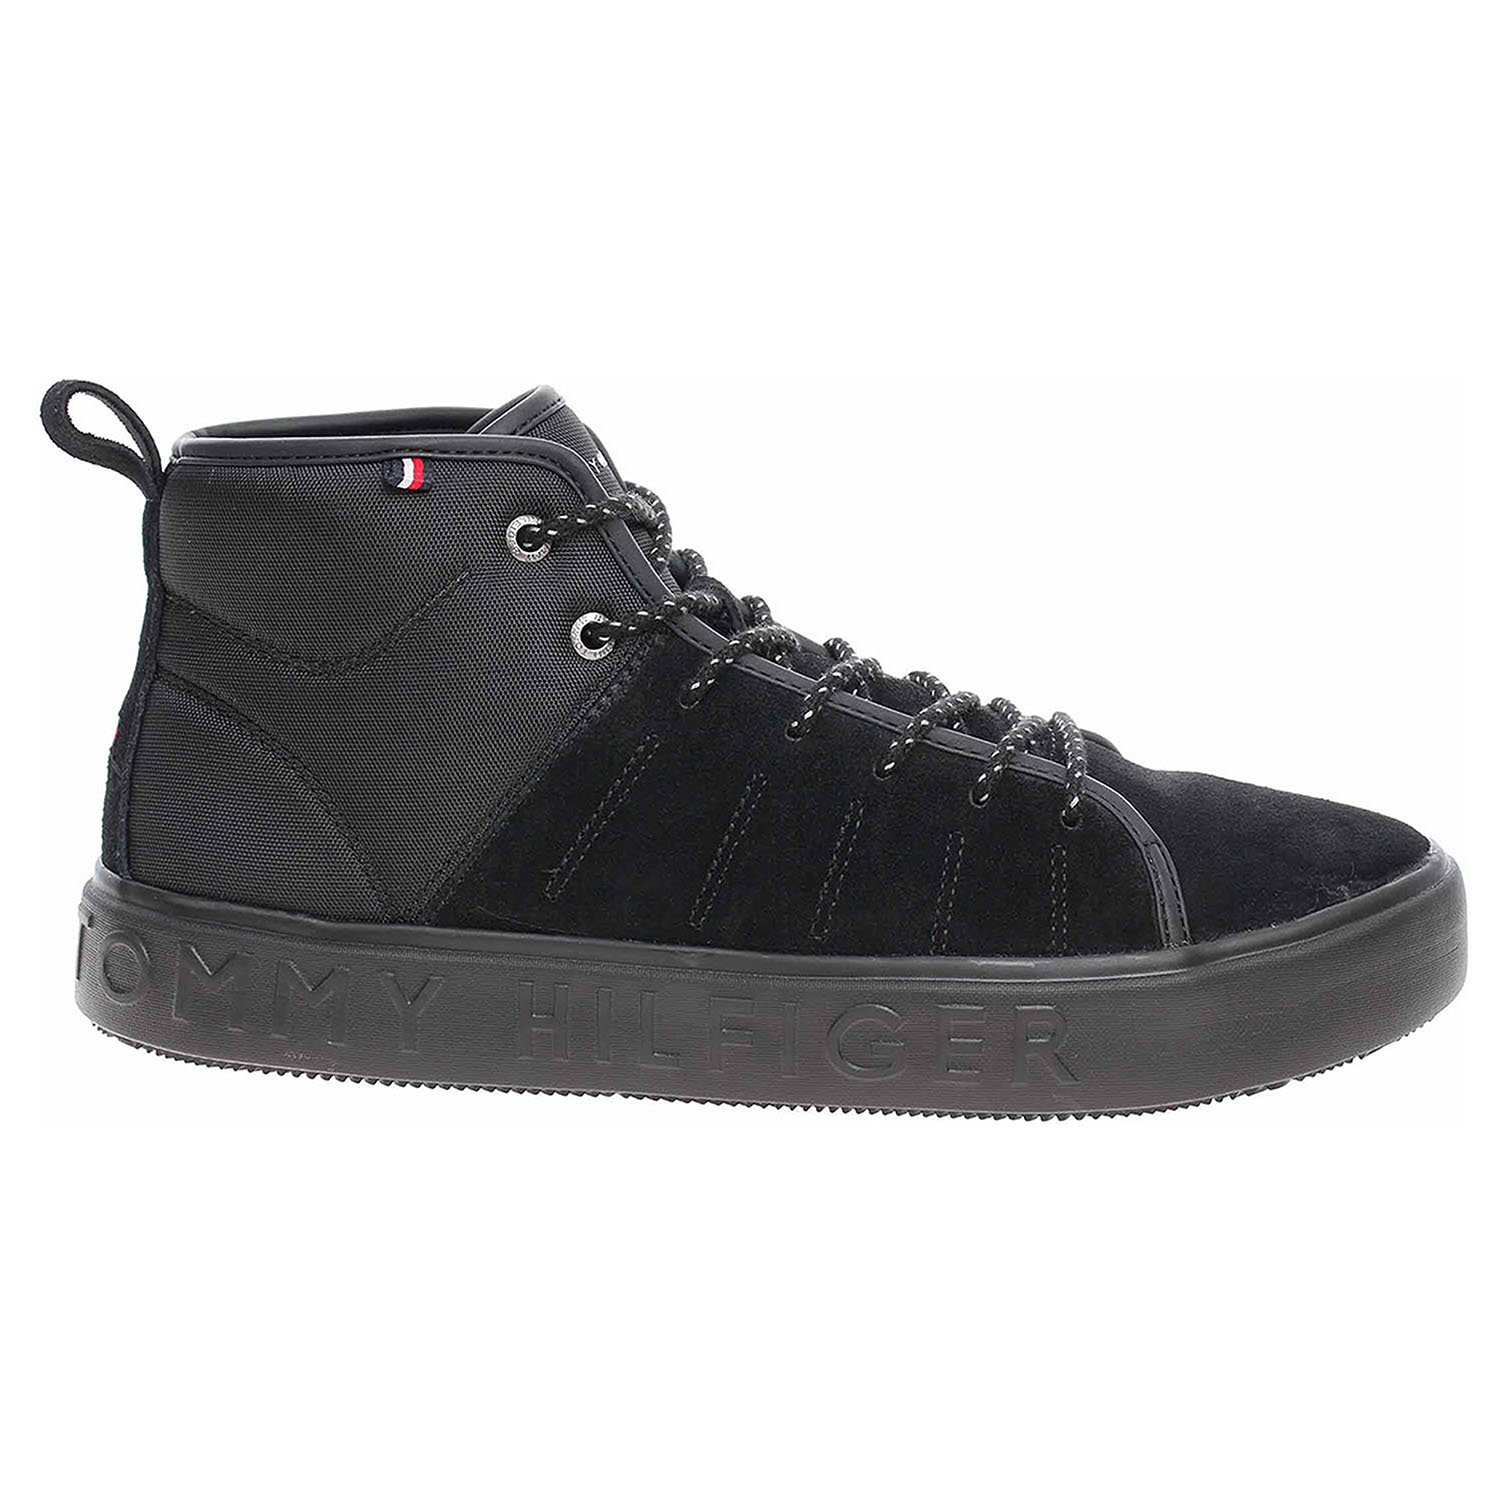 Pánská kotníková obuv Tommy Hilfiger FM0FM02393 990 black FM0FM02393 990 41